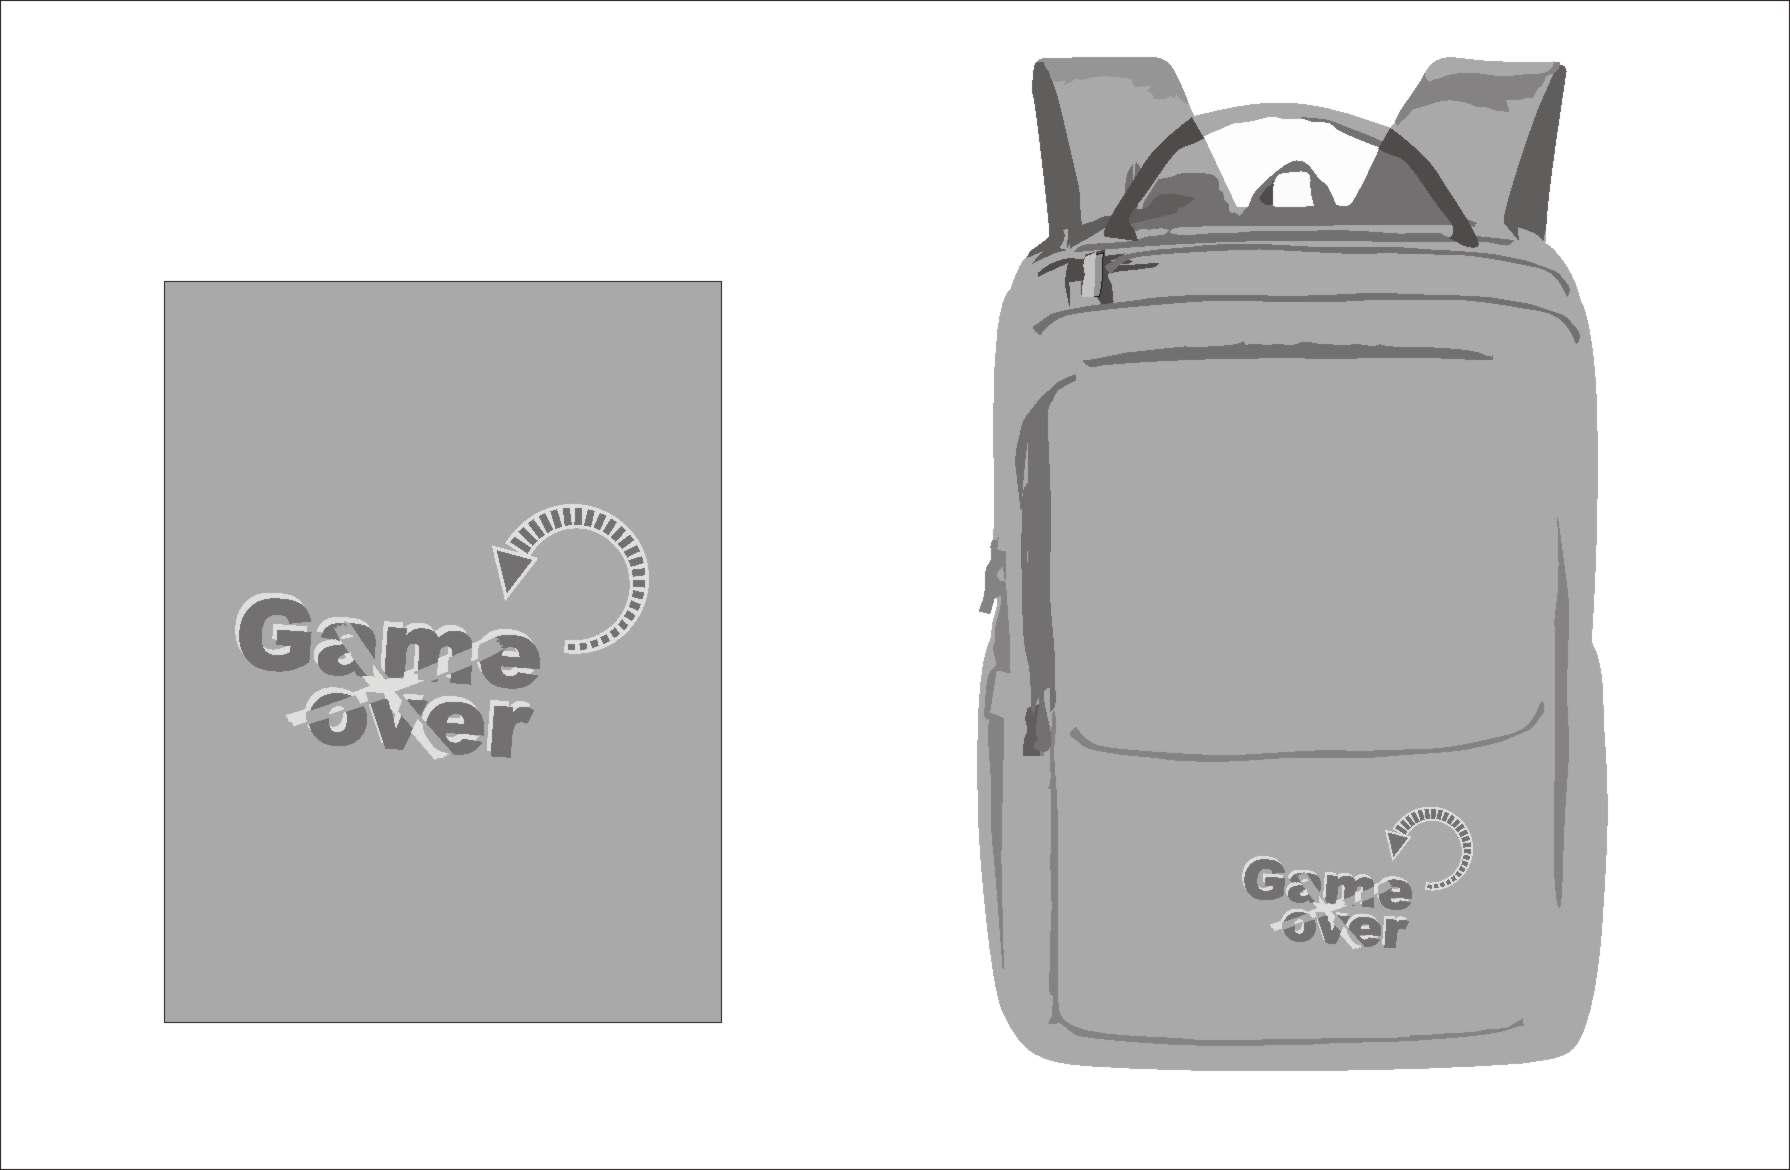 Конкурс на создание оригинального принта для рюкзаков фото f_9815f892ac5dc86a.jpg